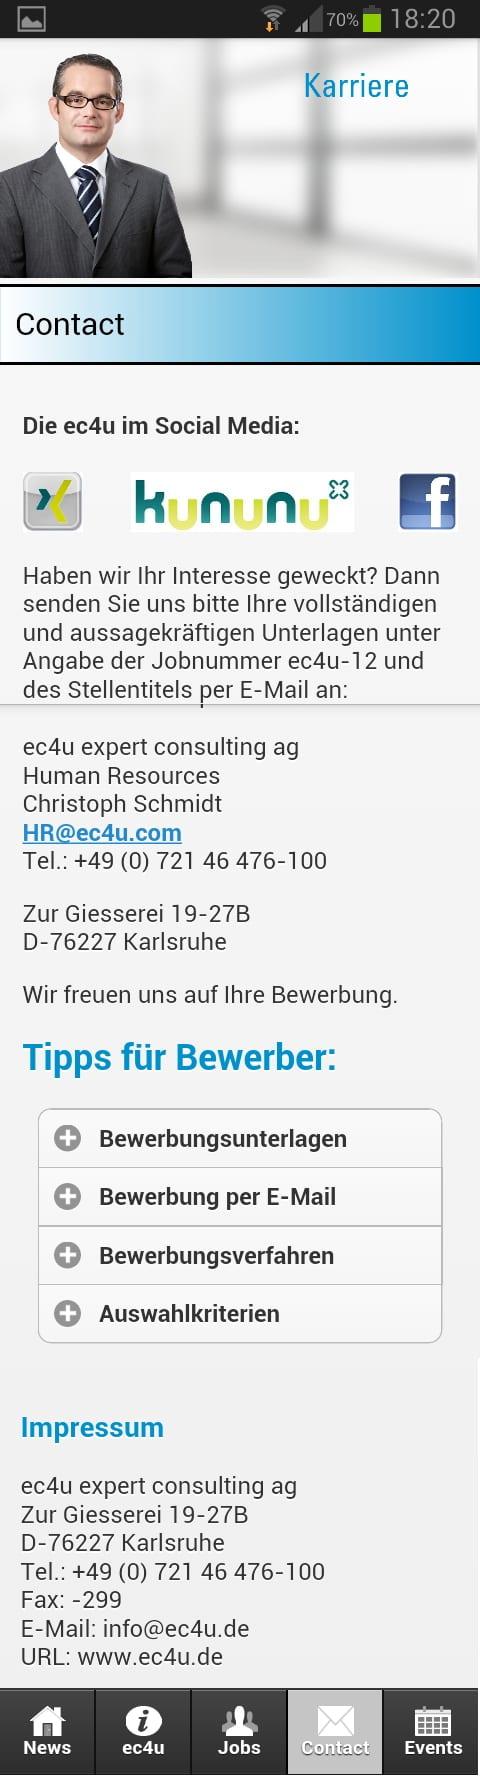 ec4u jobs- Kontaktinformationen und Tipps für Bewerber